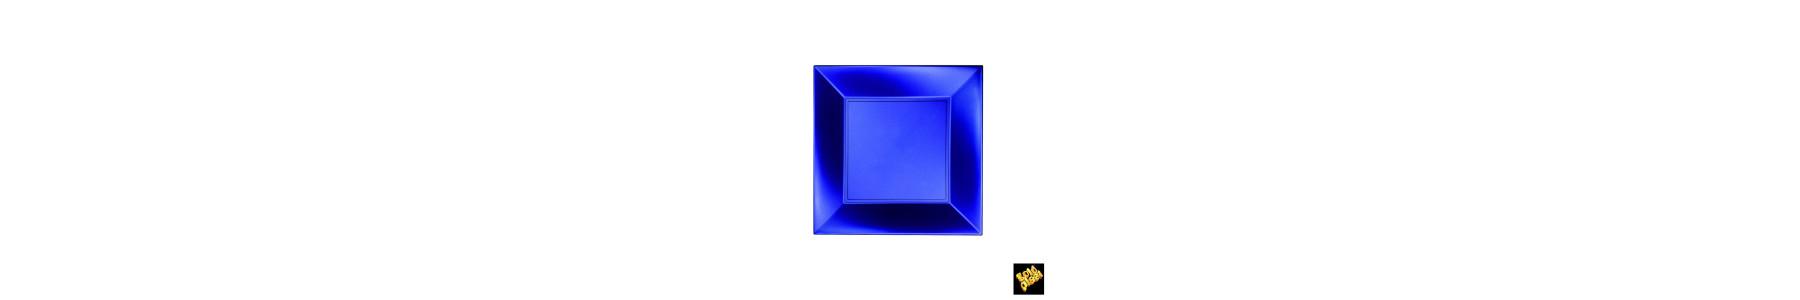 Colectia Blue perla